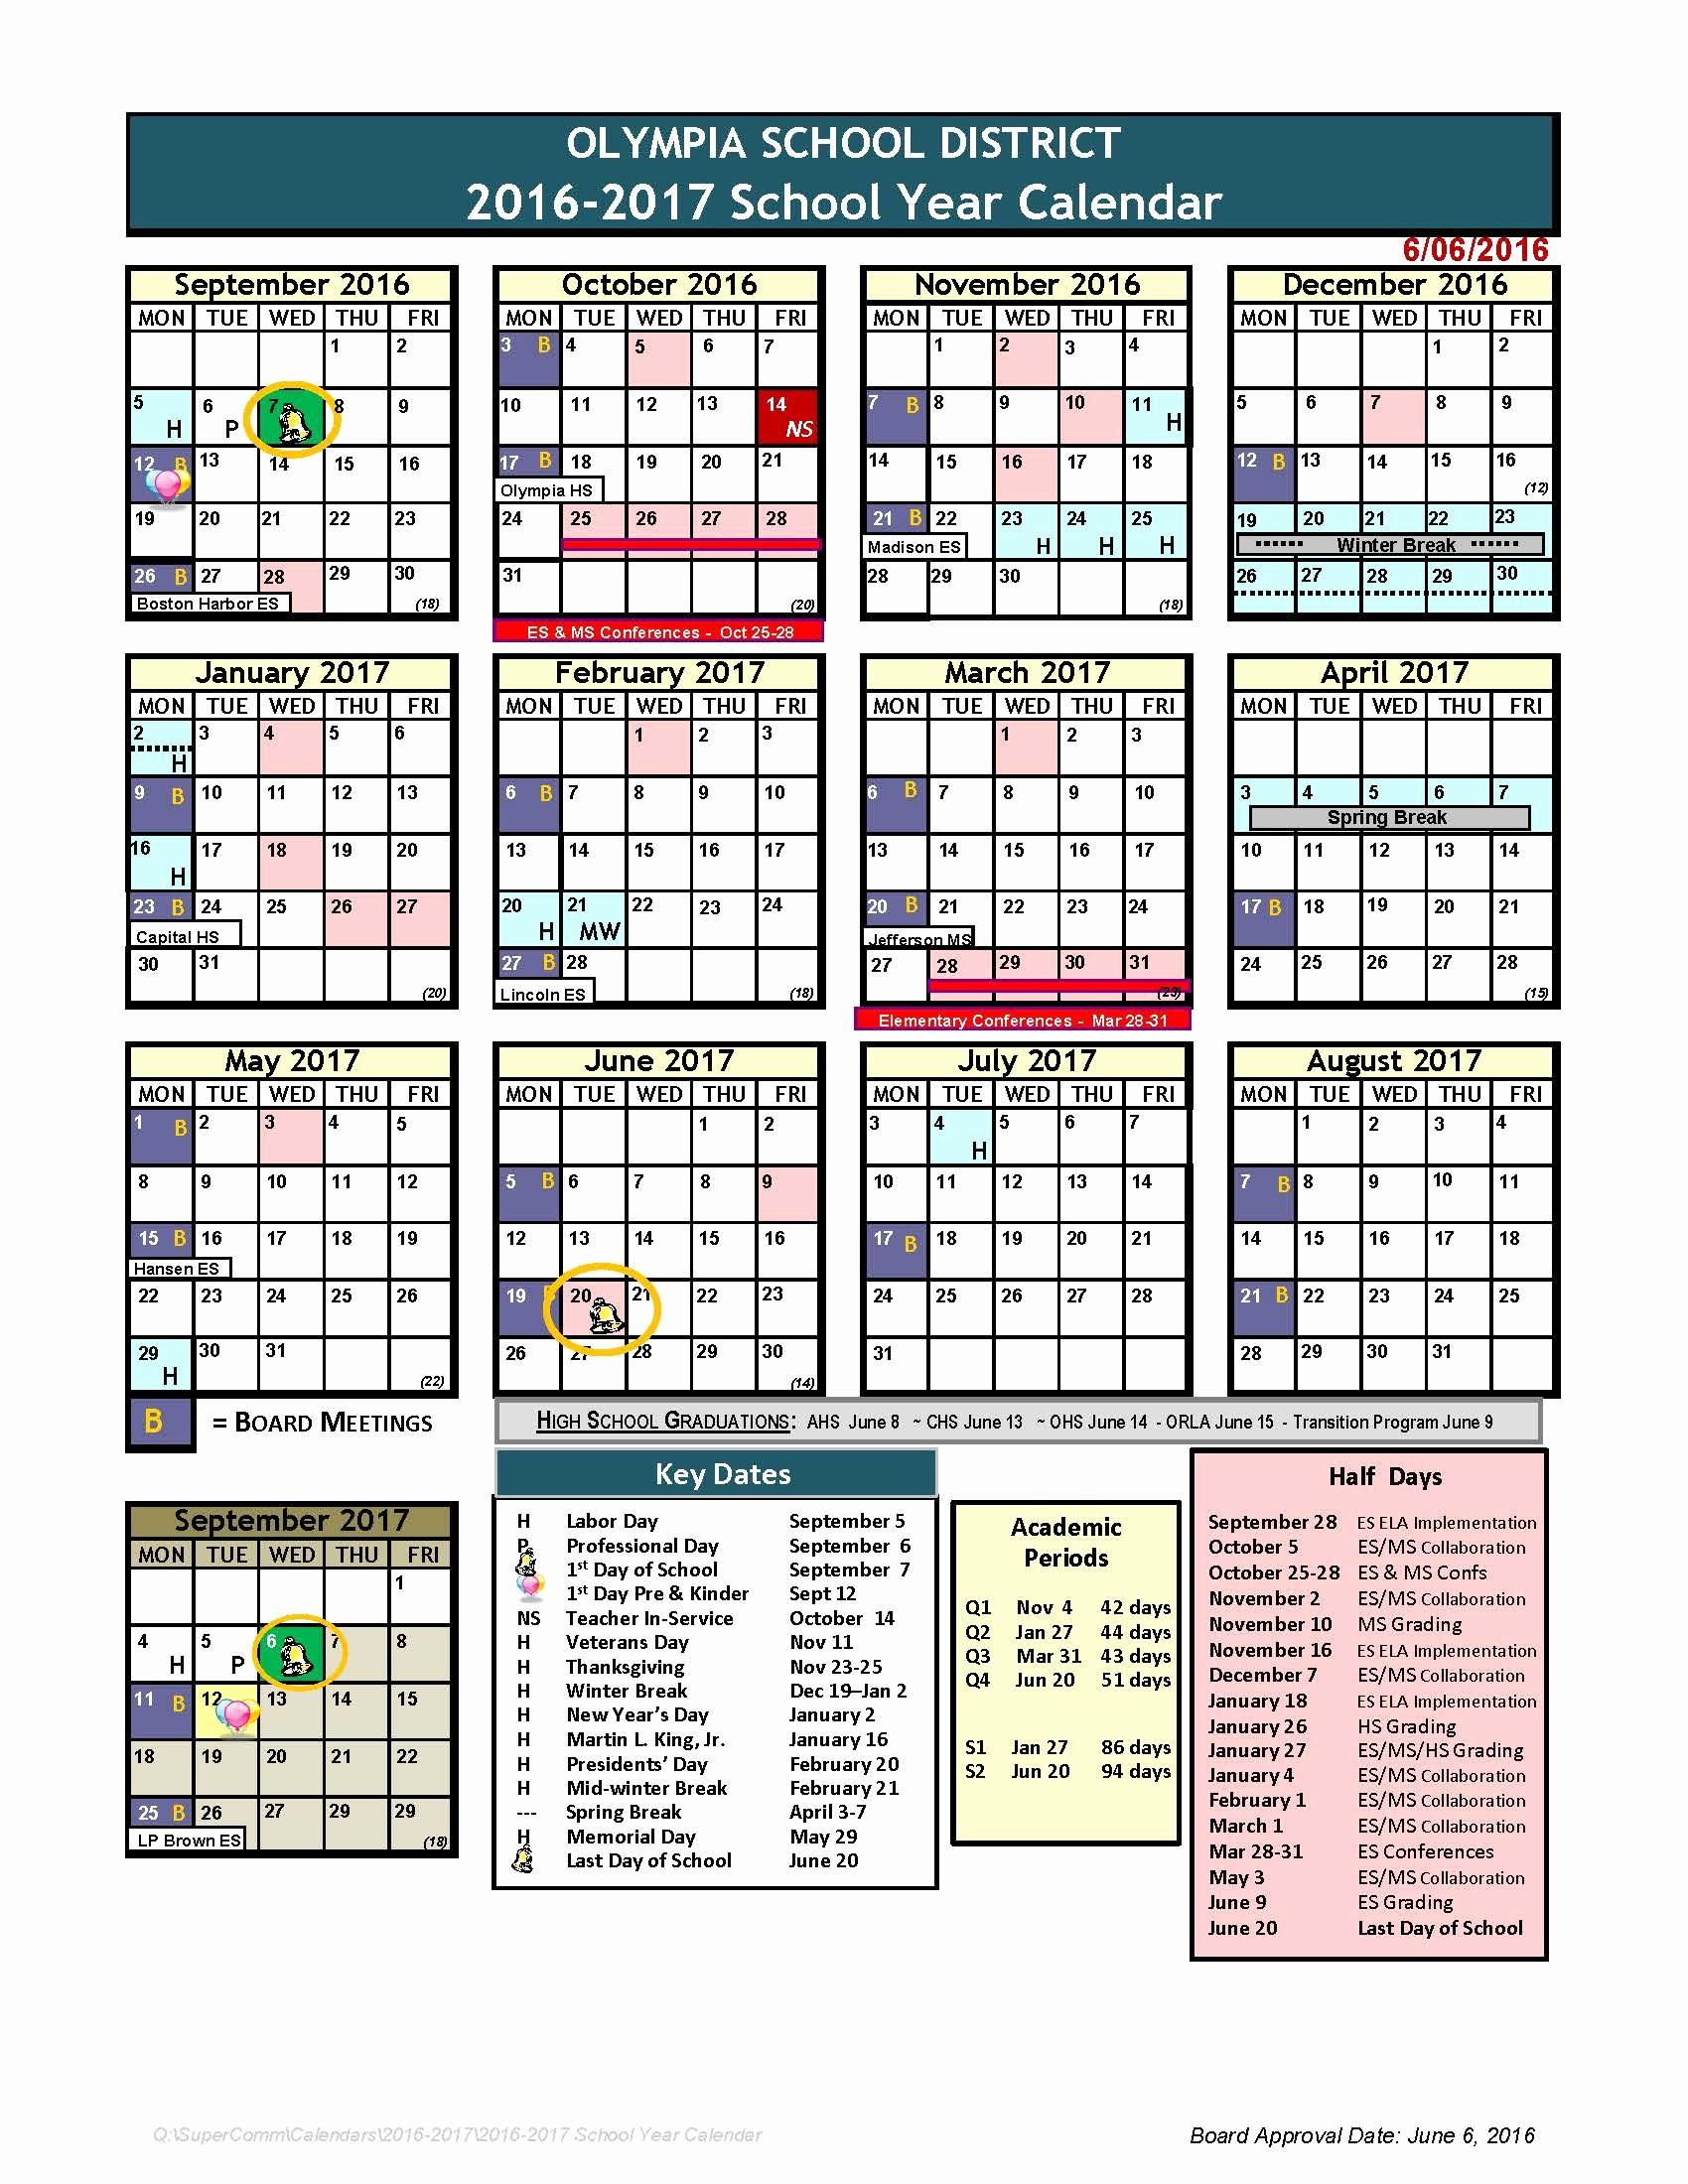 Blank Calendar 2016-17 Inspirational 2016 17 Calendar is Online